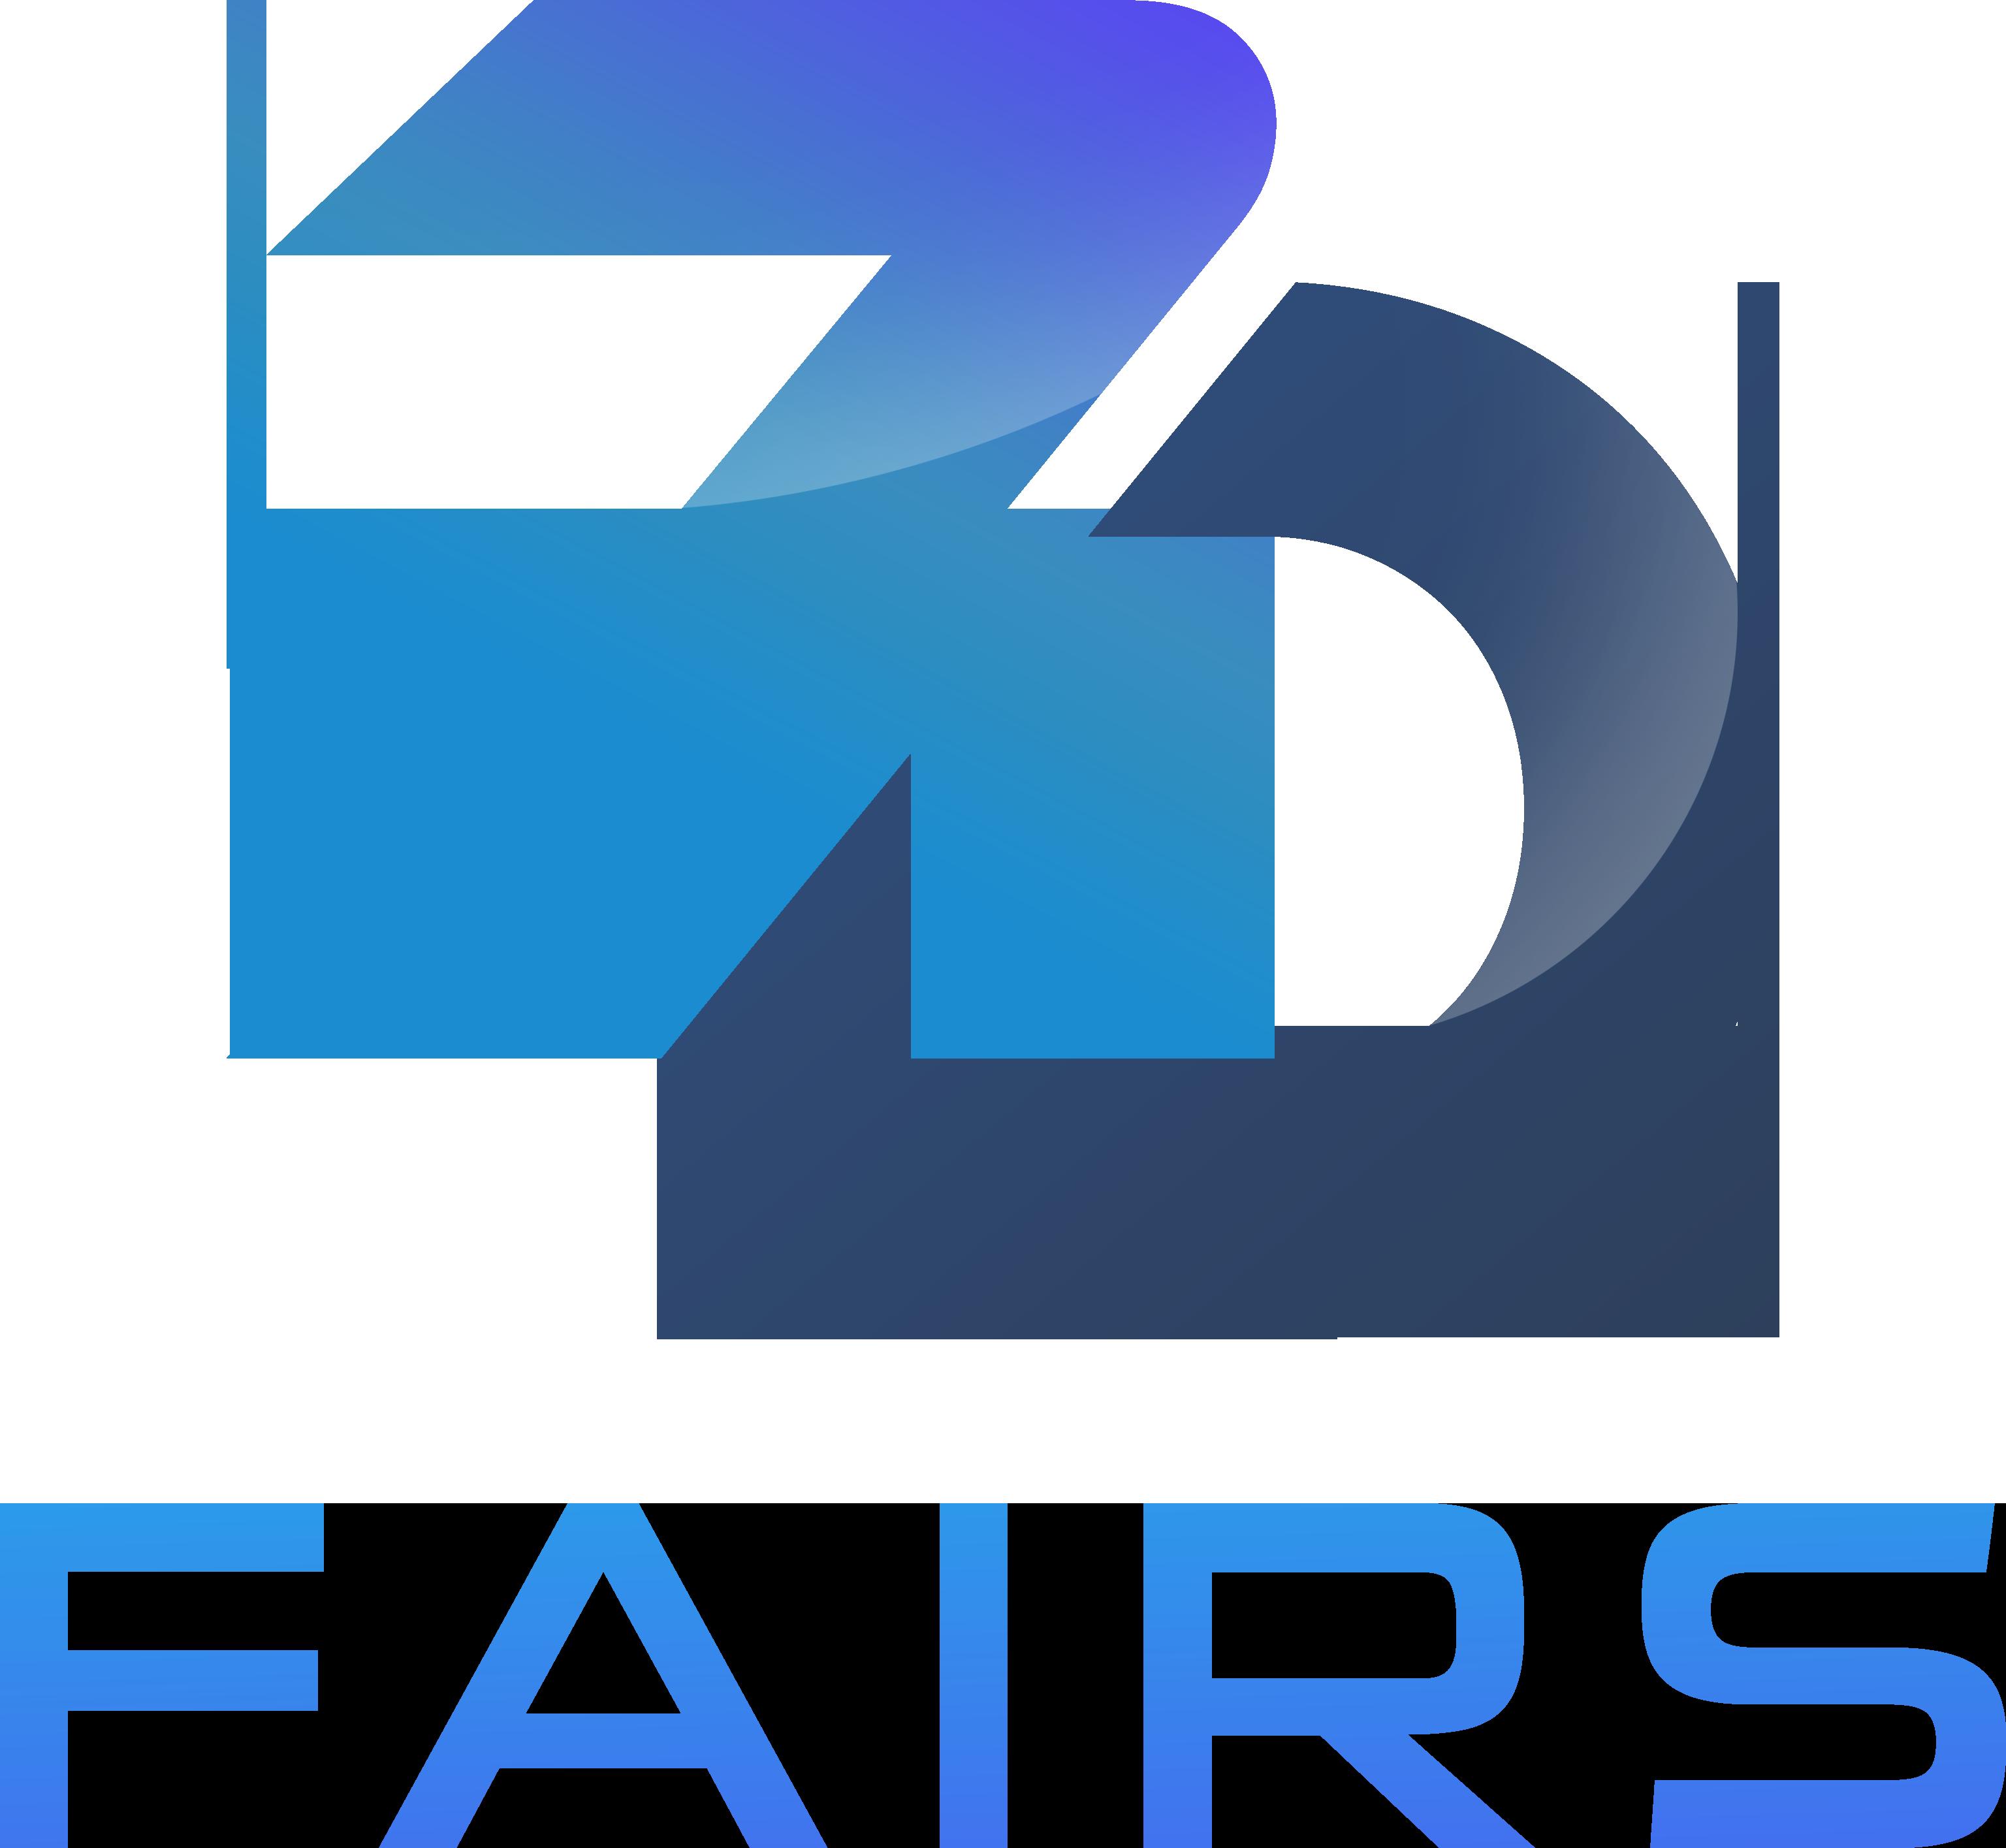 7D Fairs